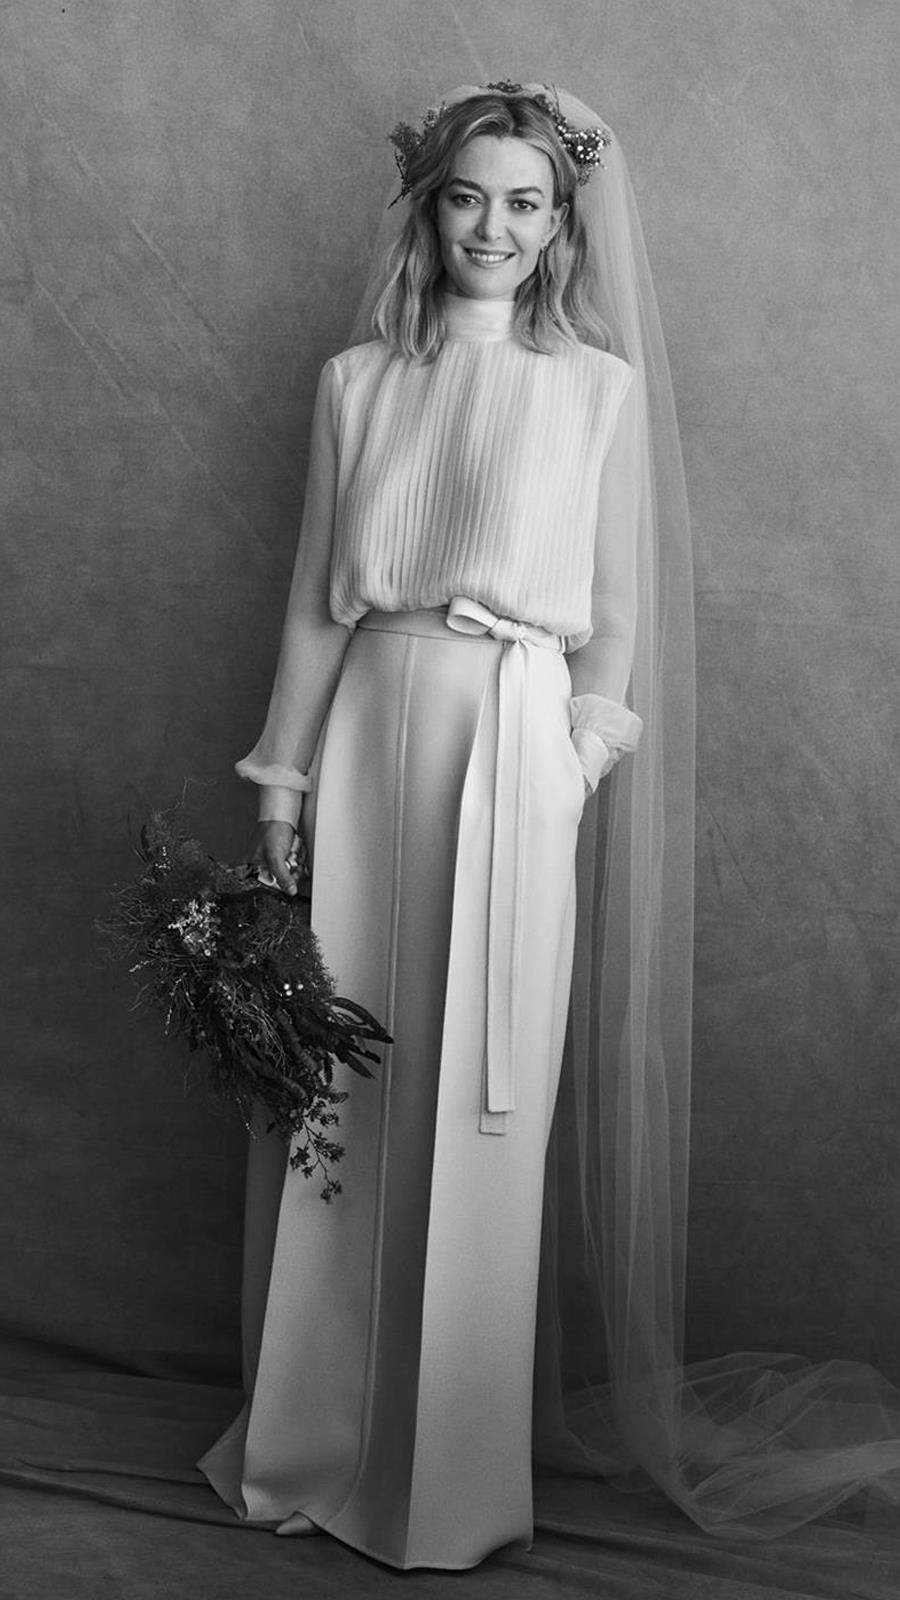 ec416b4d0 Los mejores vestidos de novia 2018 de las famosas - InStyle